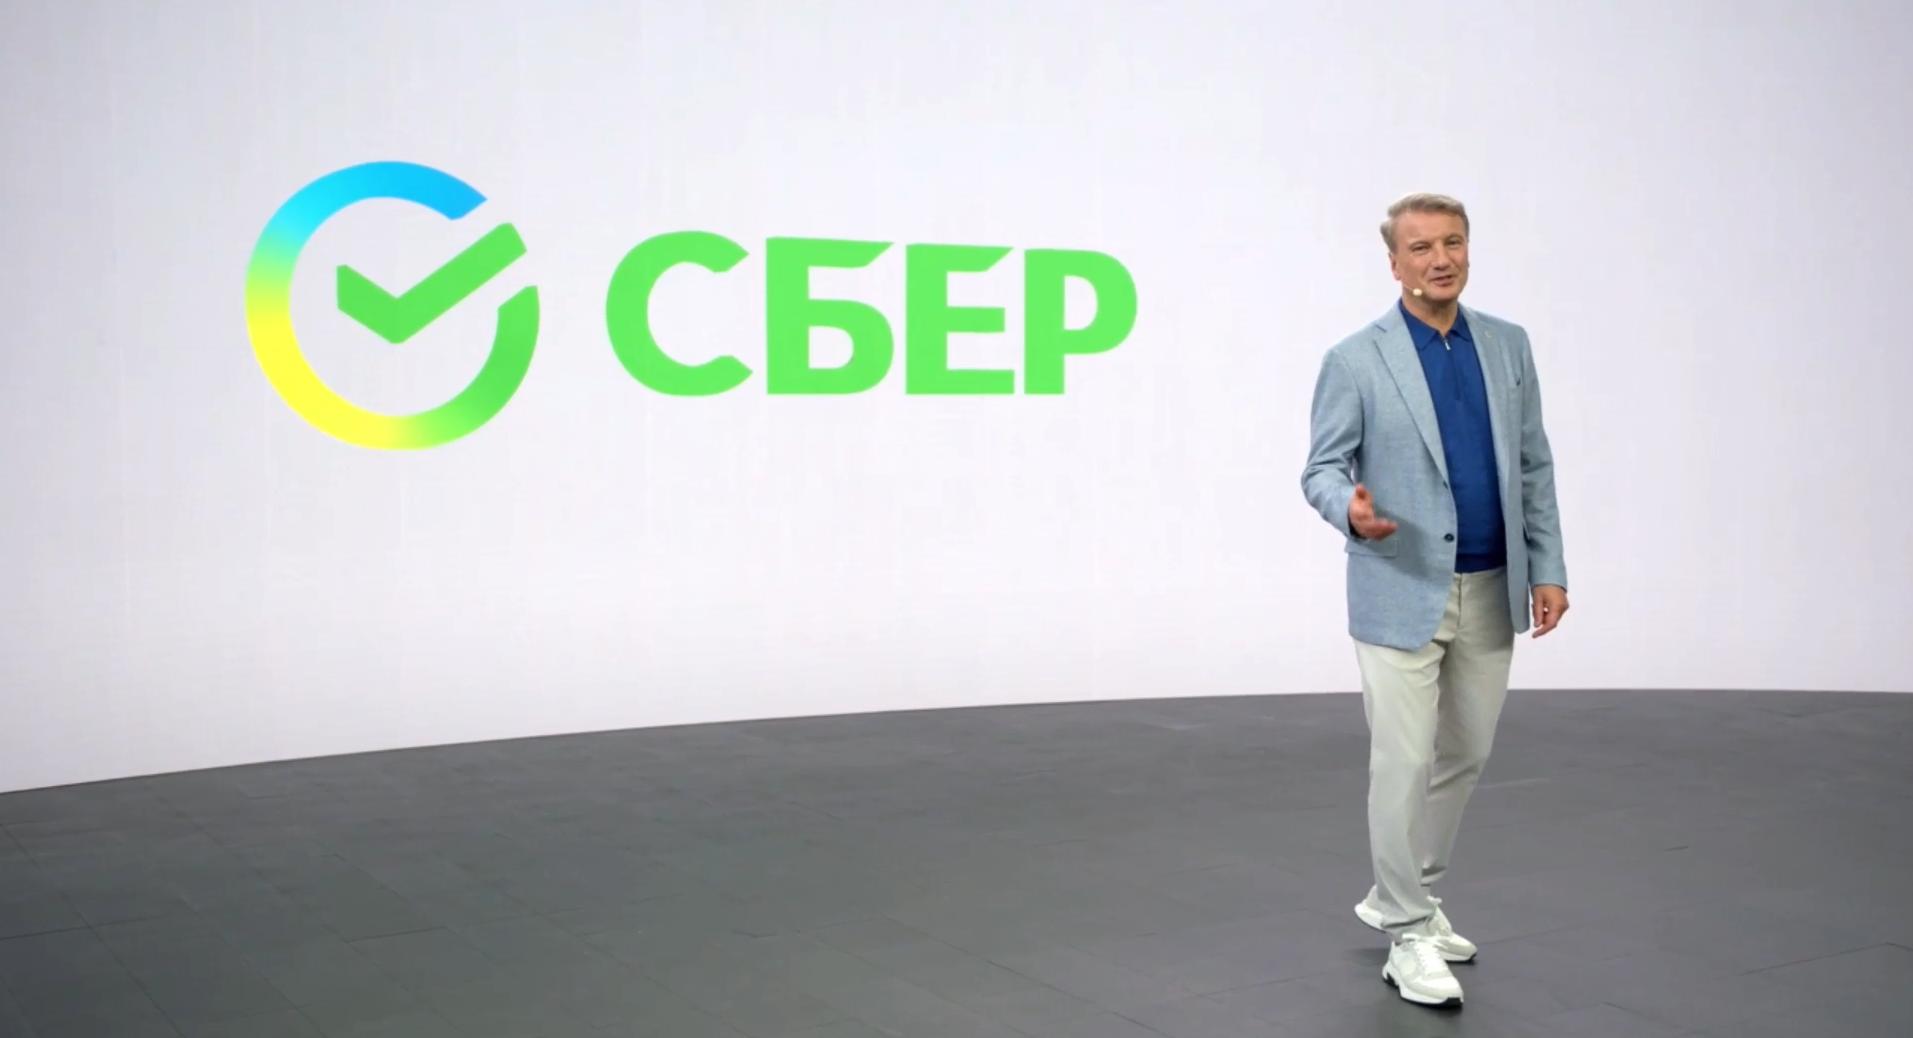 Сбербанк официально представил новый логотип «Сбер»